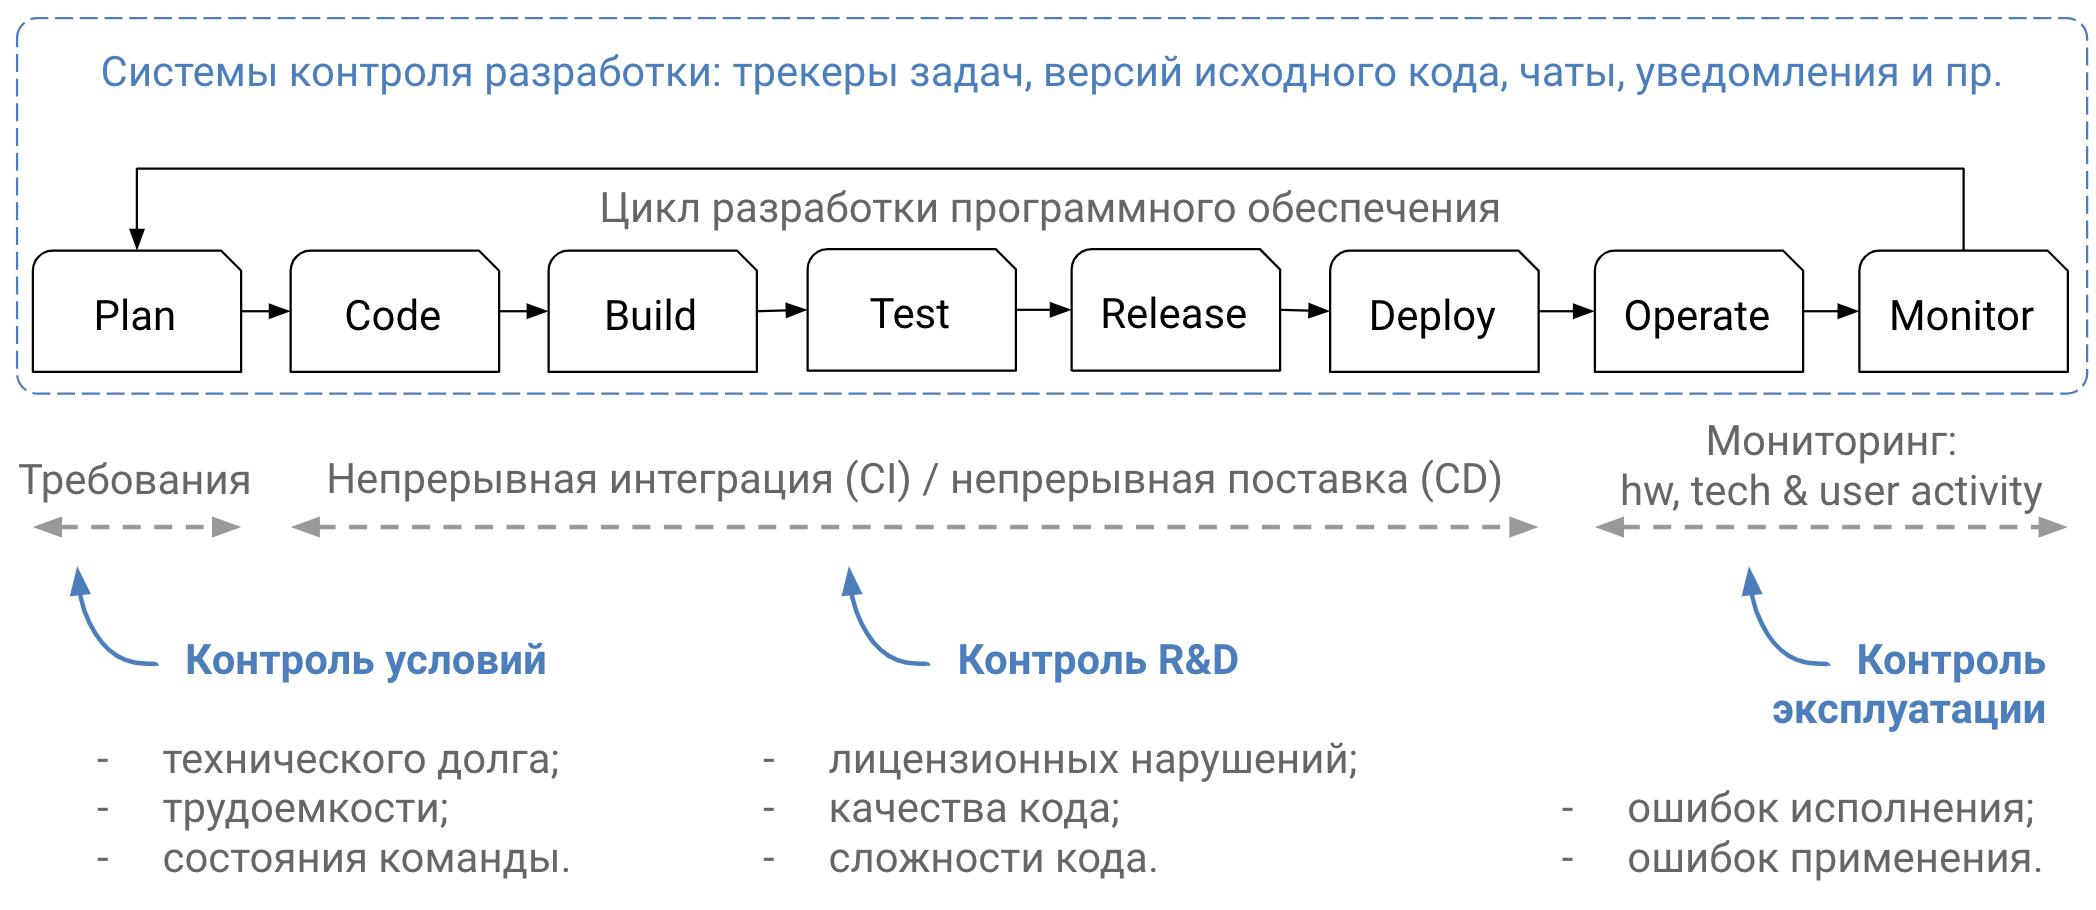 ComCode и Цикл разработки программного обеспечения